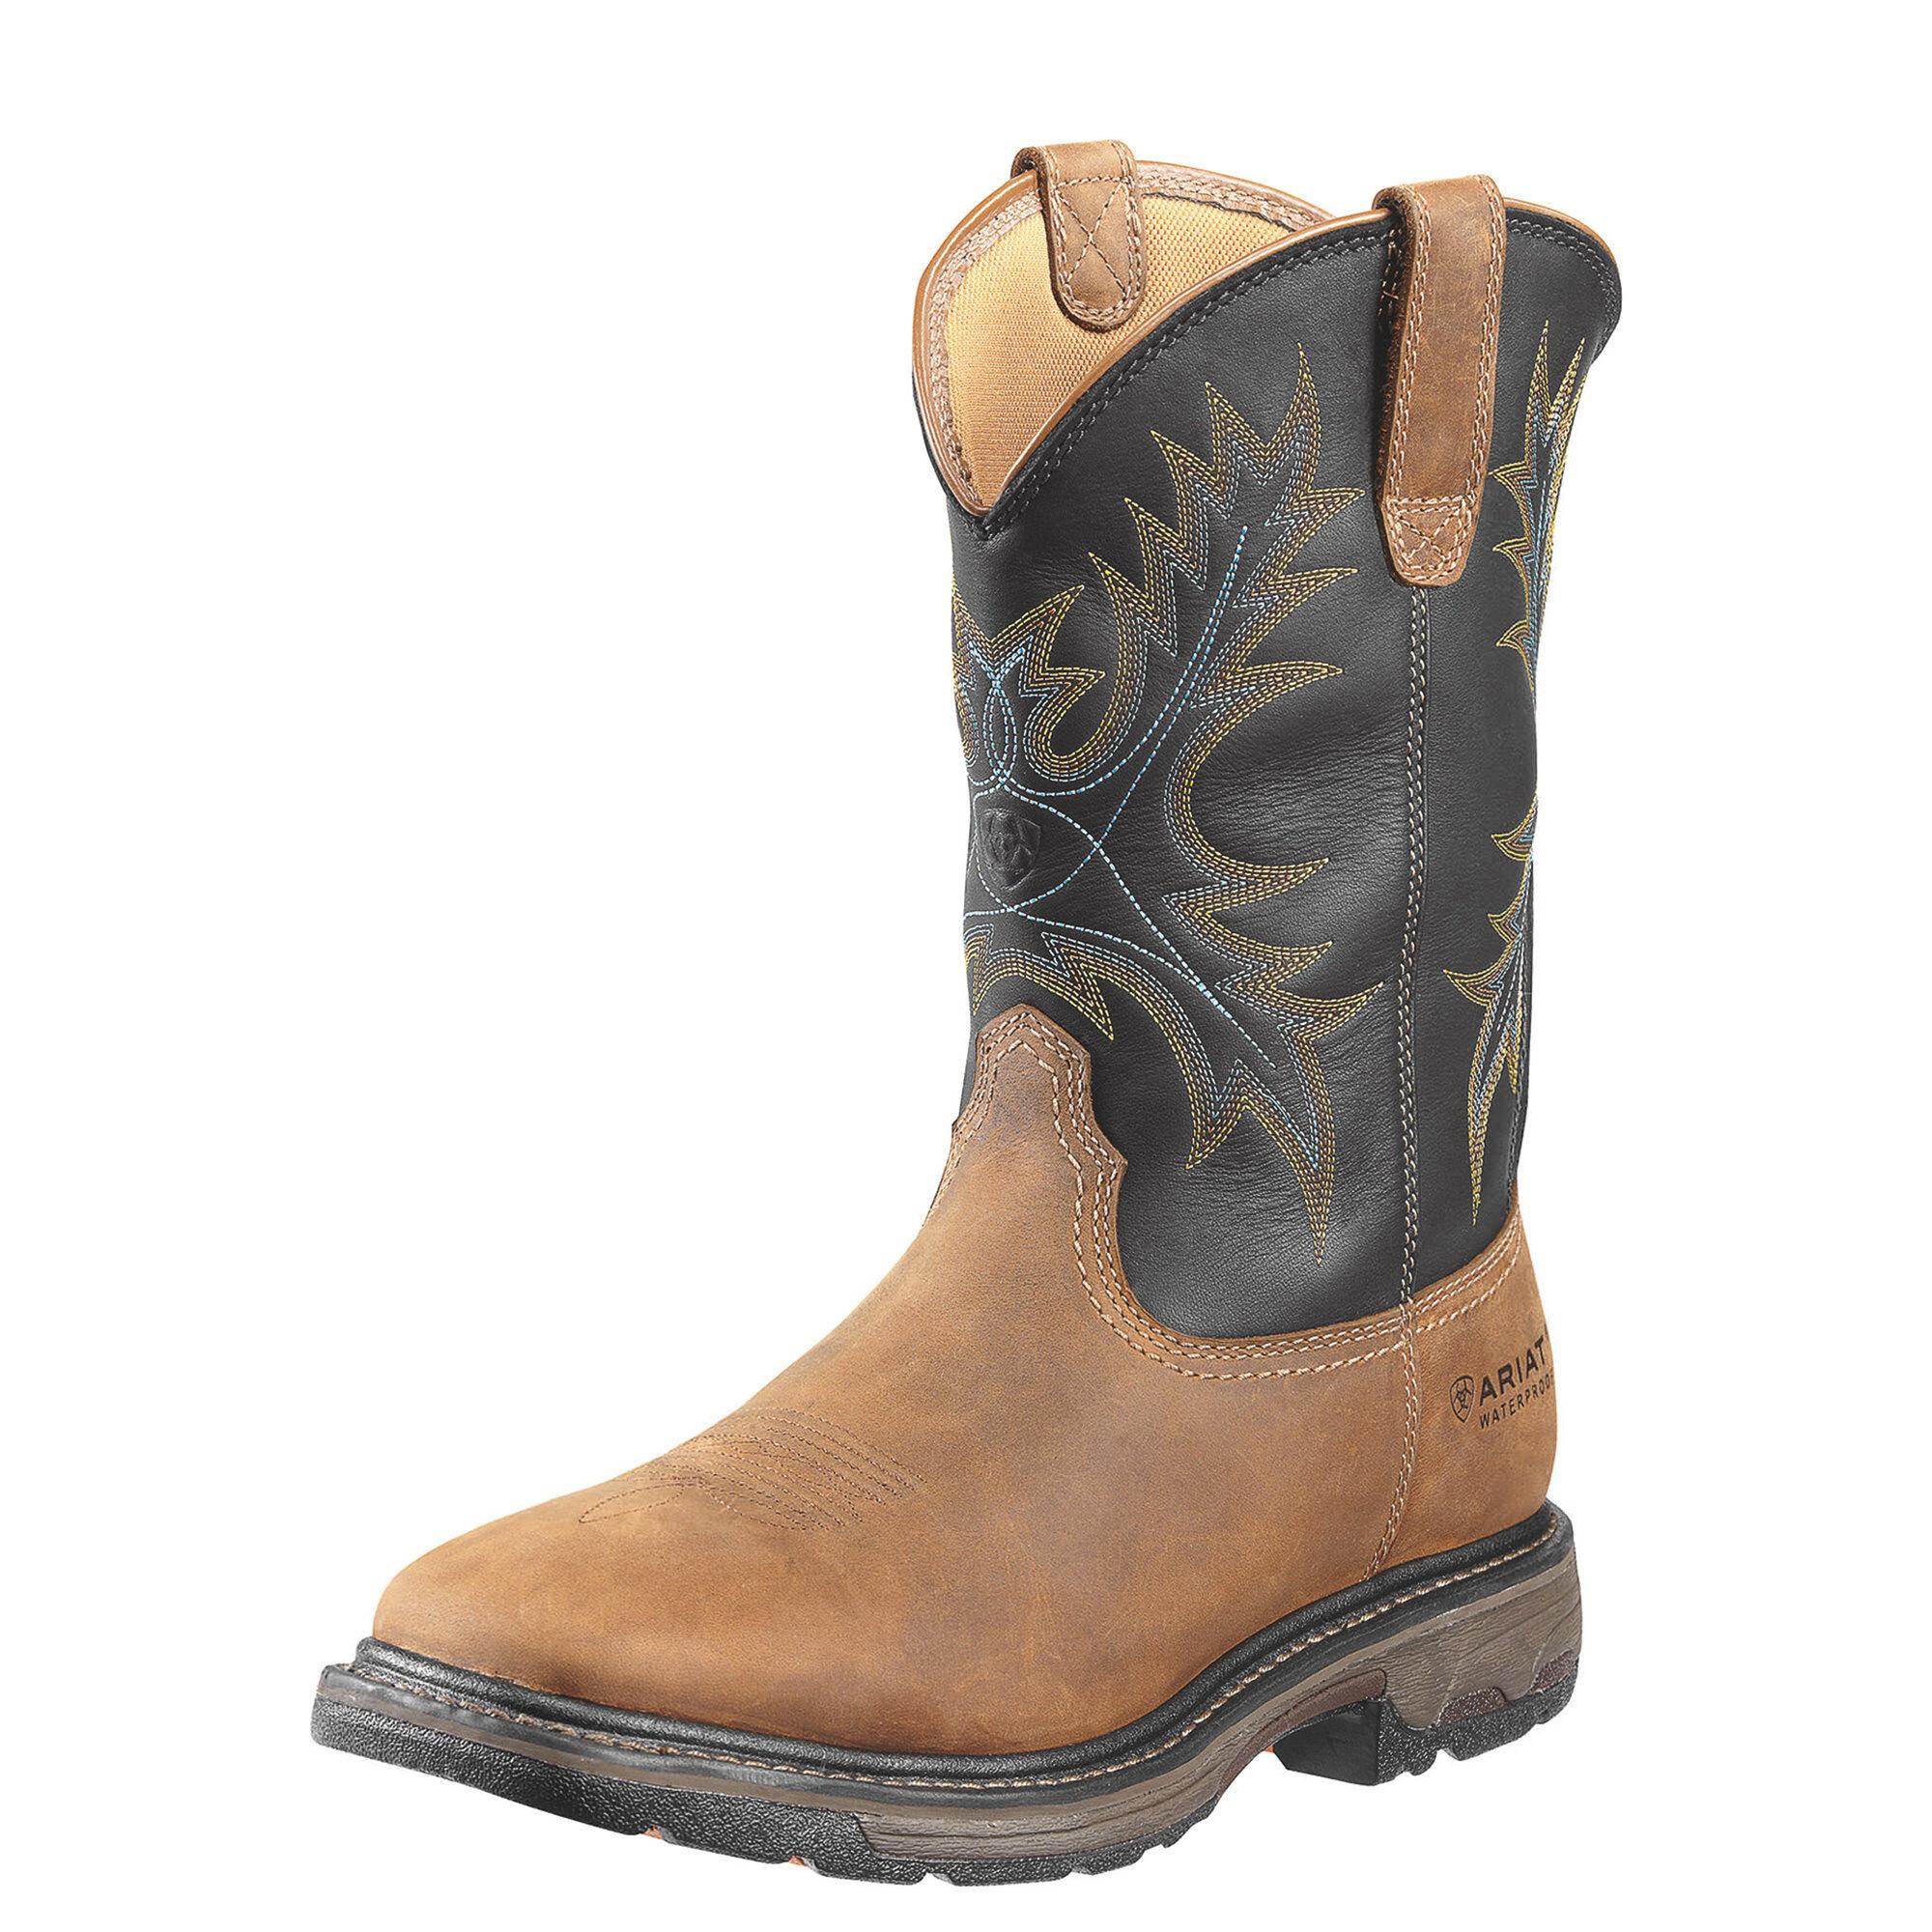 WorkHog Waterproof Steel Toe Work Boot